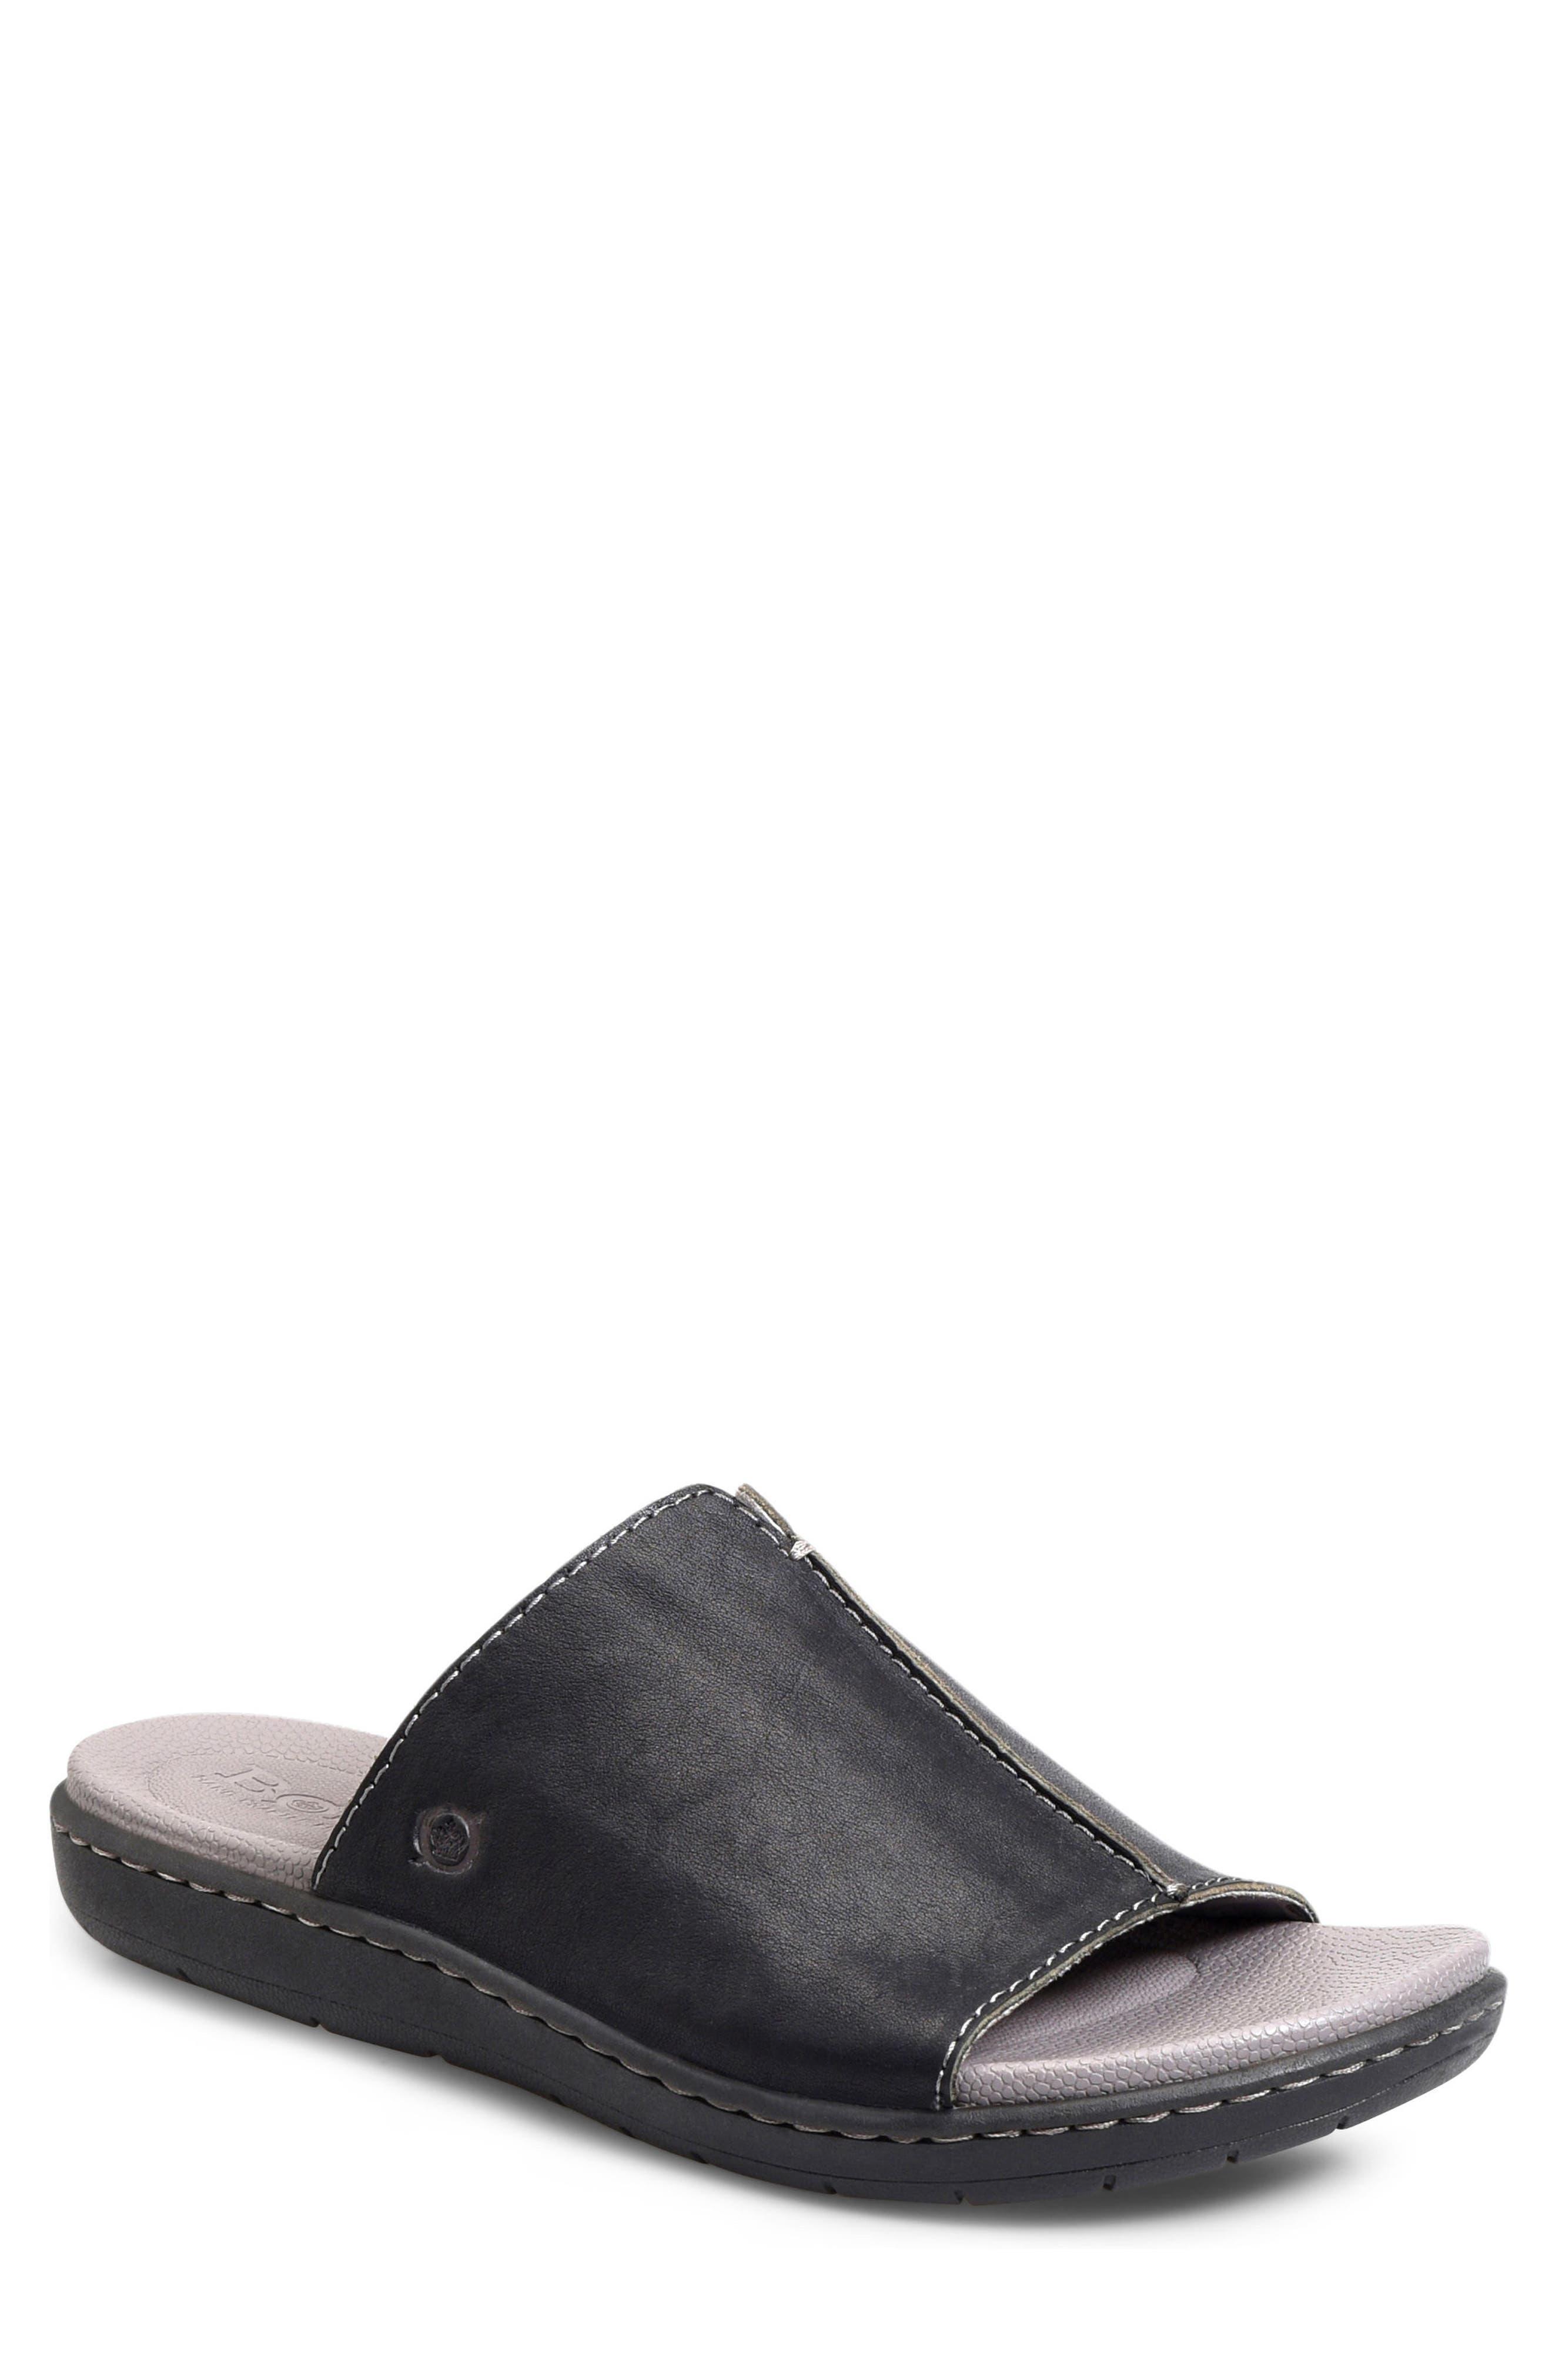 Børn Cuvu Slide Sandal (Men)